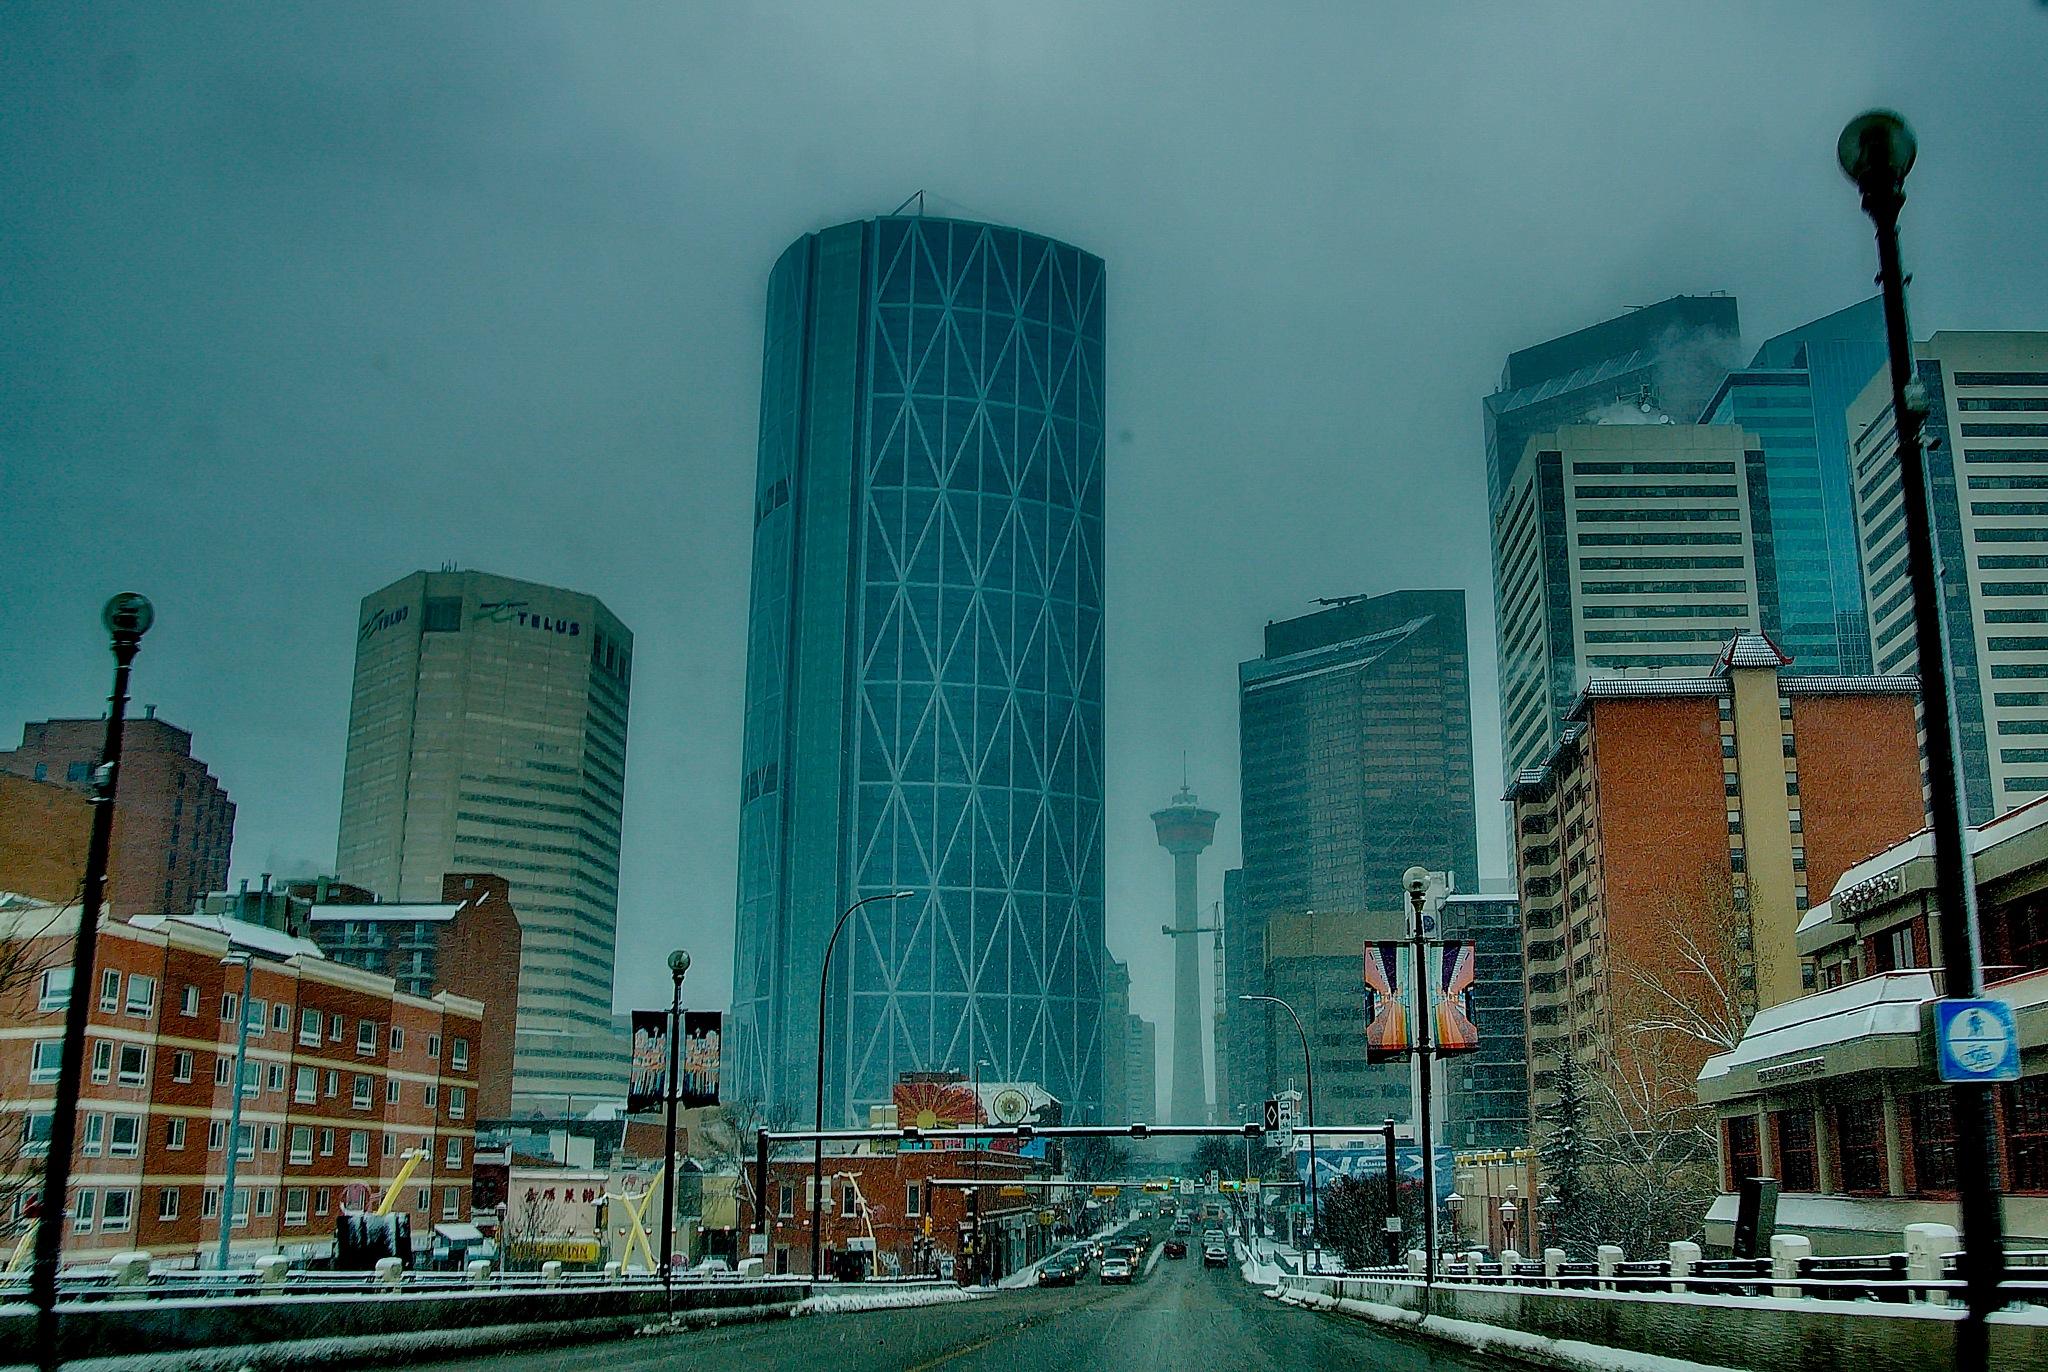 Calgary by WSimone